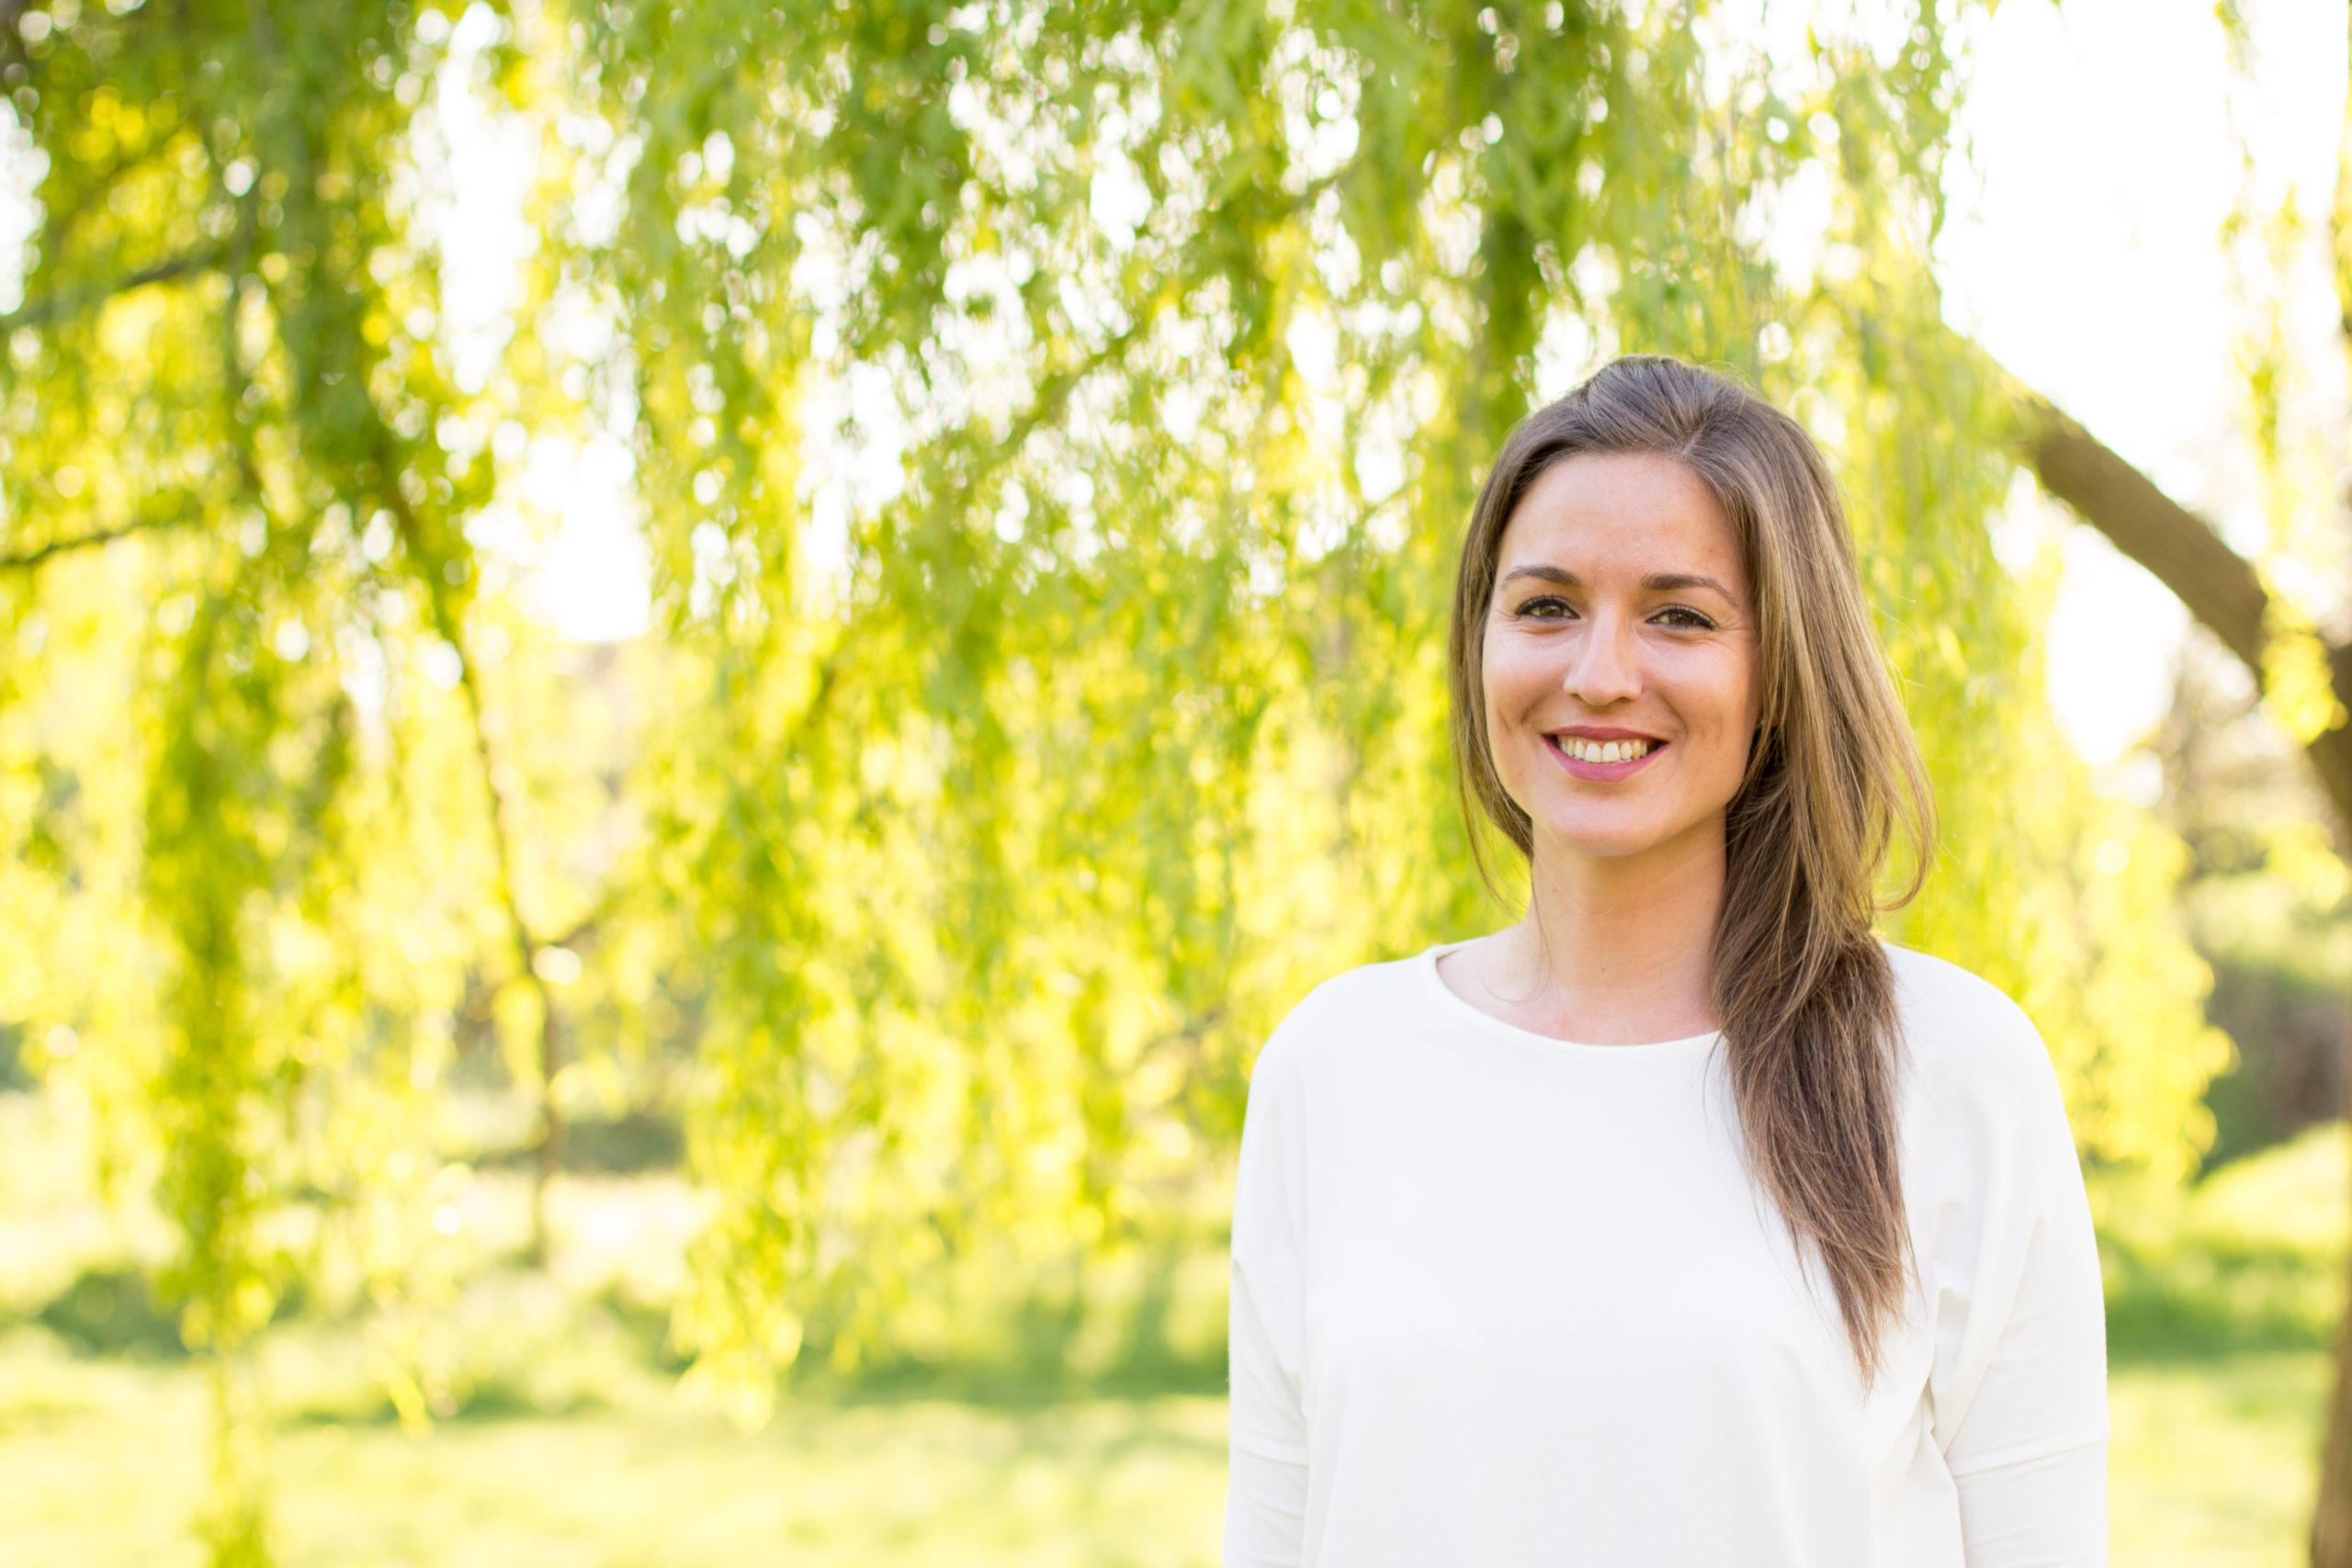 IMG 8921 scaled - Meditación como vía de autoconocimiento y transformación - Natalia Galván